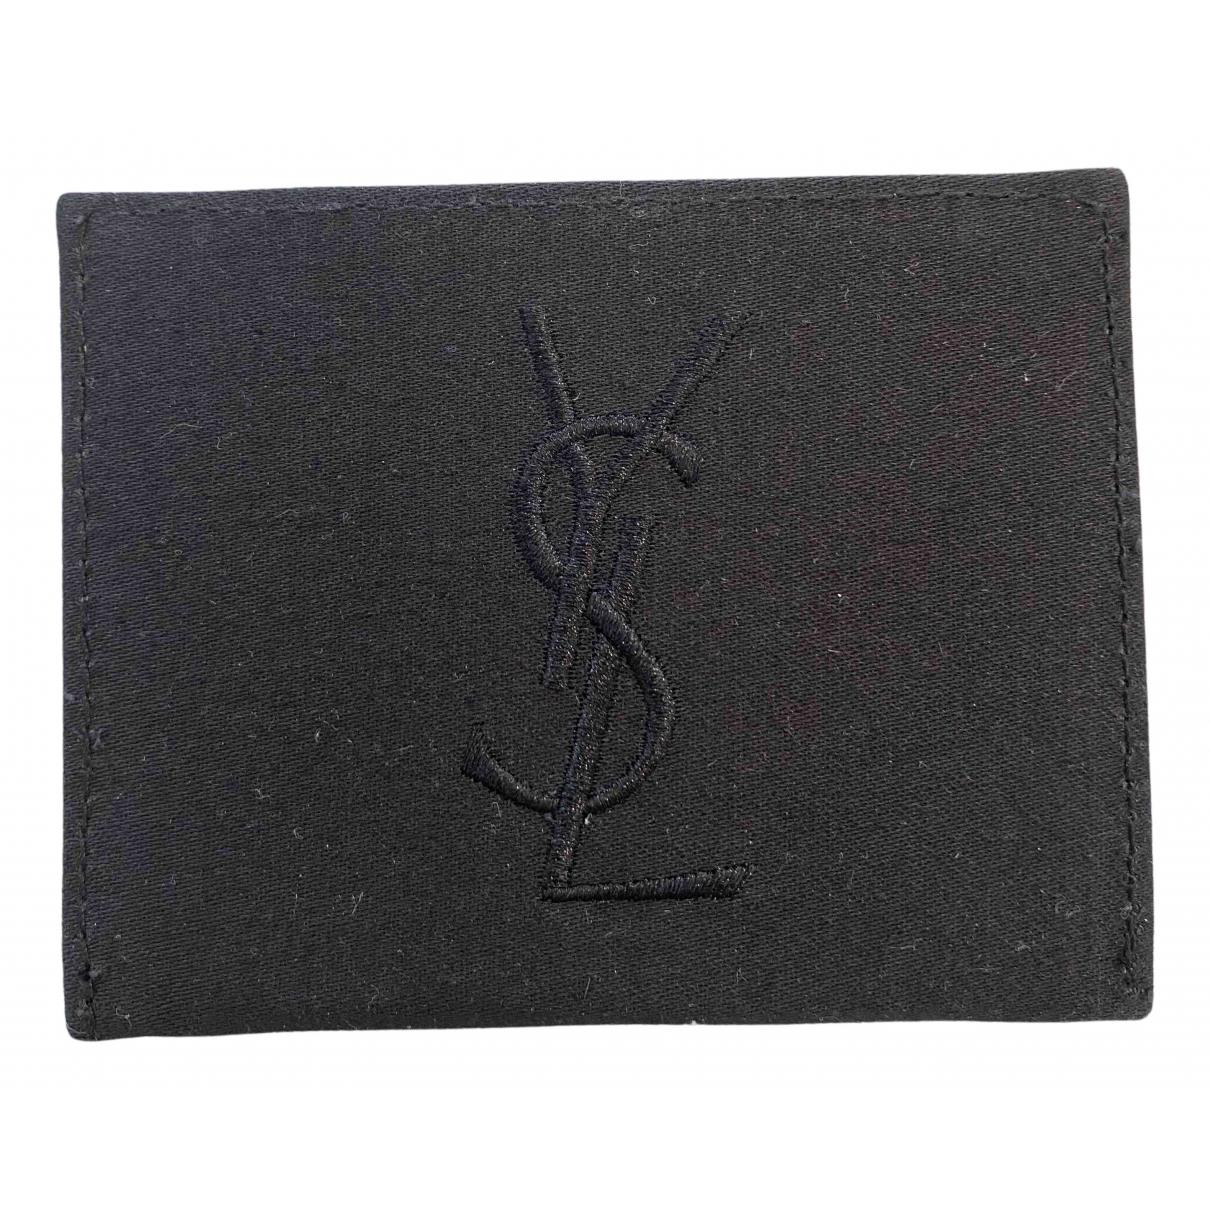 Yves Saint Laurent - Objets & Deco   pour lifestyle en toile - noir